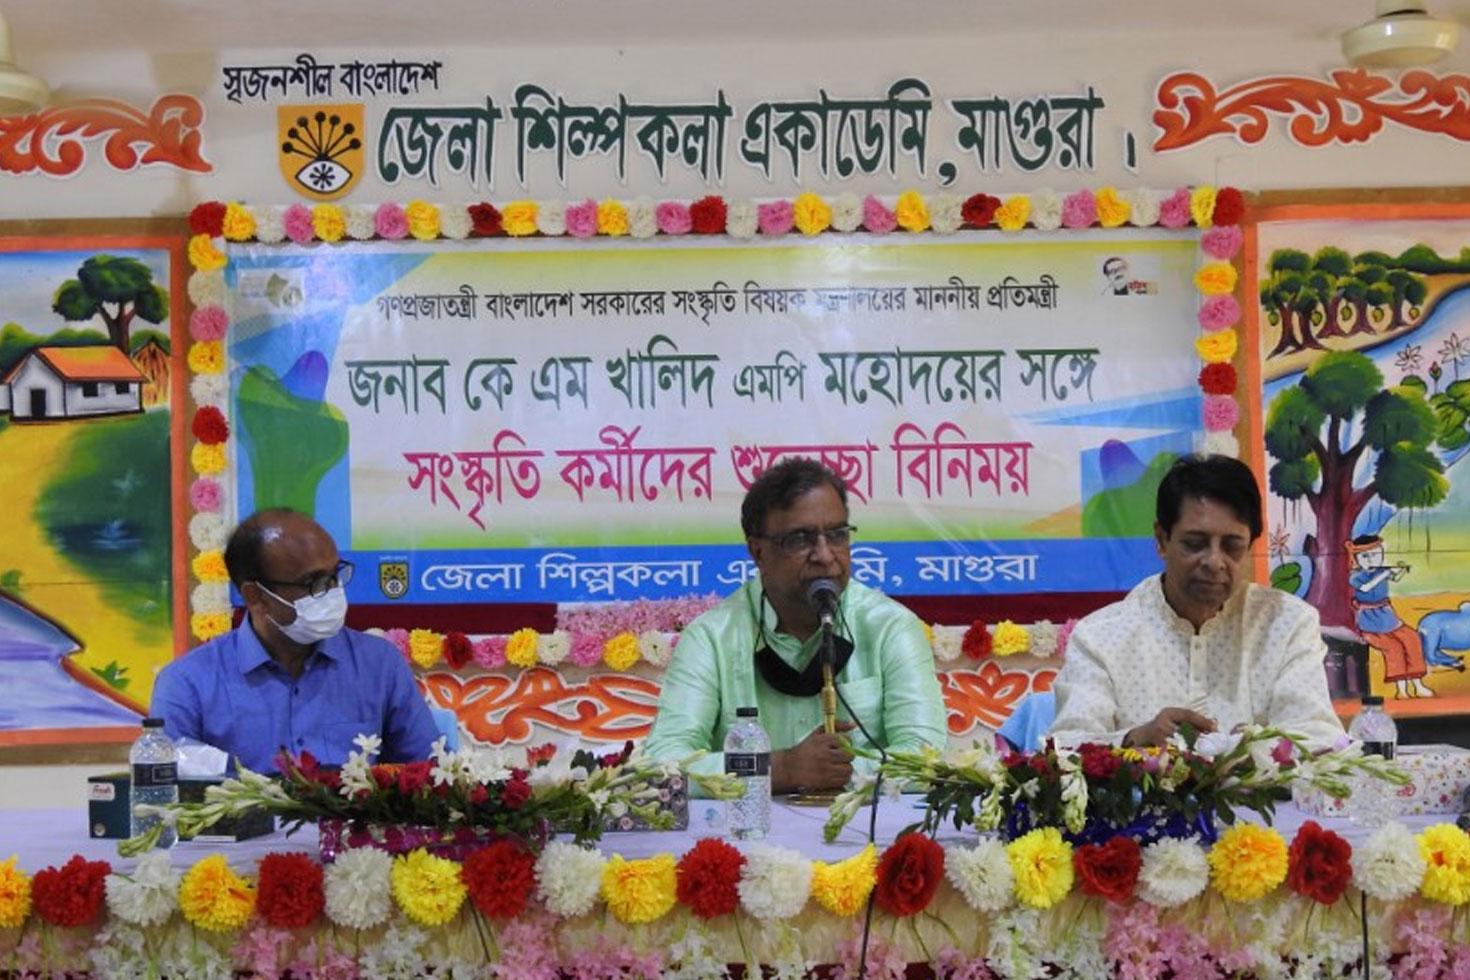 ১৬ জেলায় হবে শিল্পকলা একাডেমির আধুনিকায়ন: সংস্কৃতি প্রতিমন্ত্রী